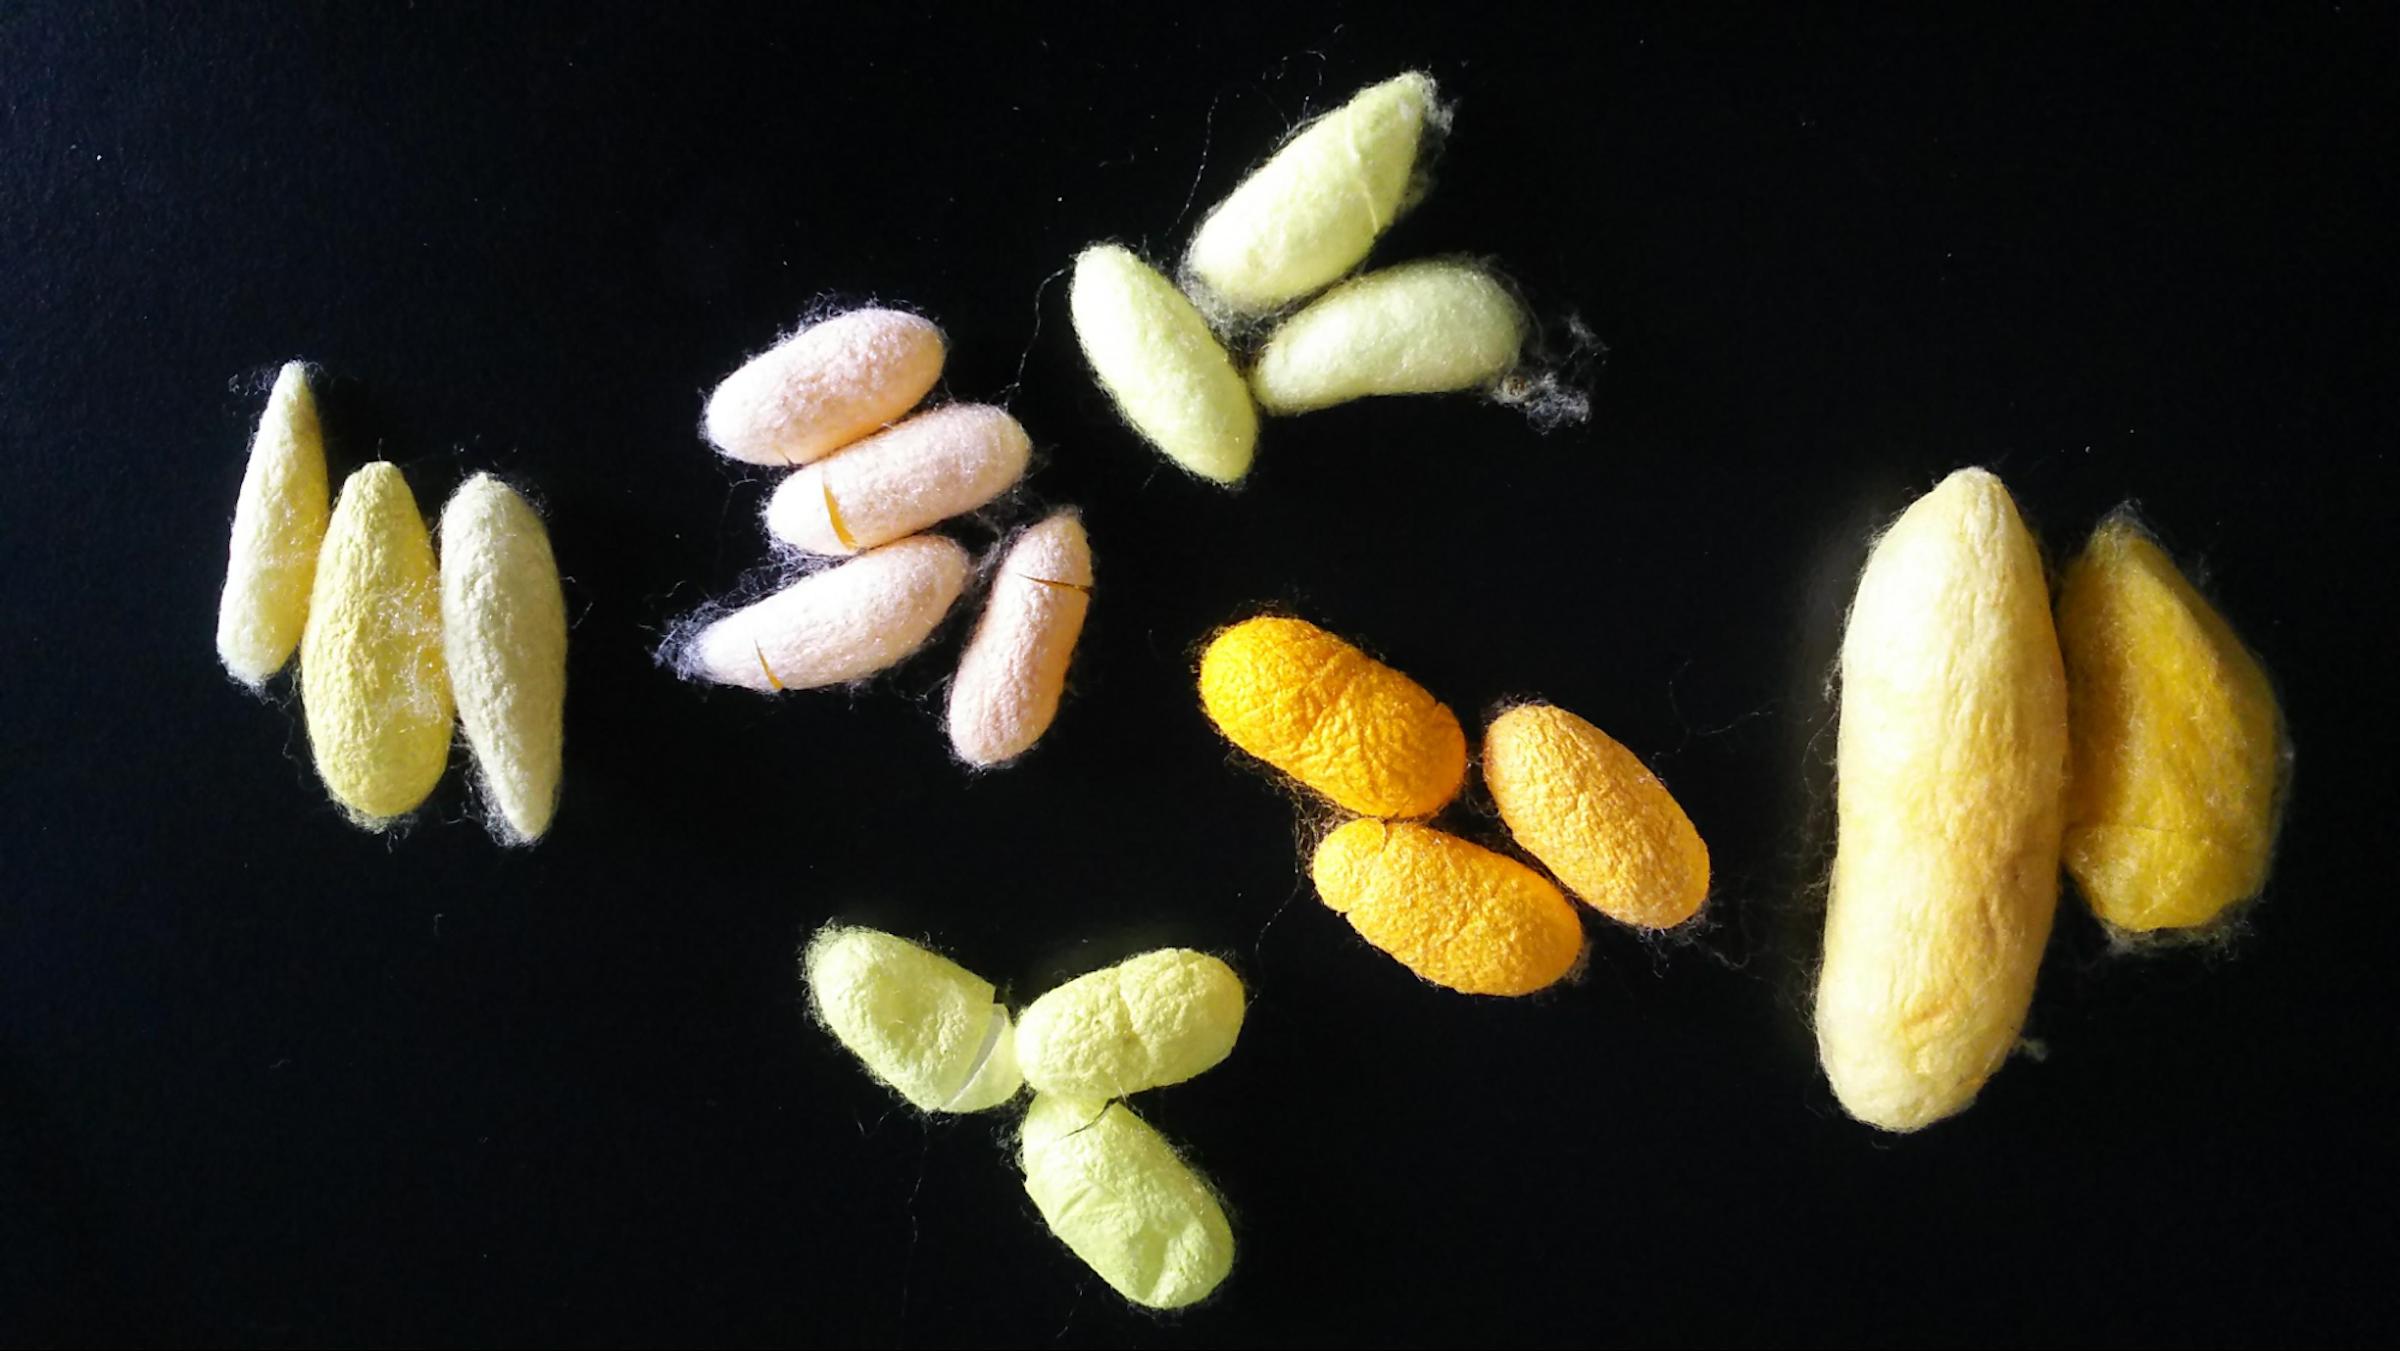 画像: 中国、朝鮮、スペイン、青森県など各地に在来していた蚕の繭[繭の提供元:NBRP(ナショナルバイオリソースプロジェクト)]